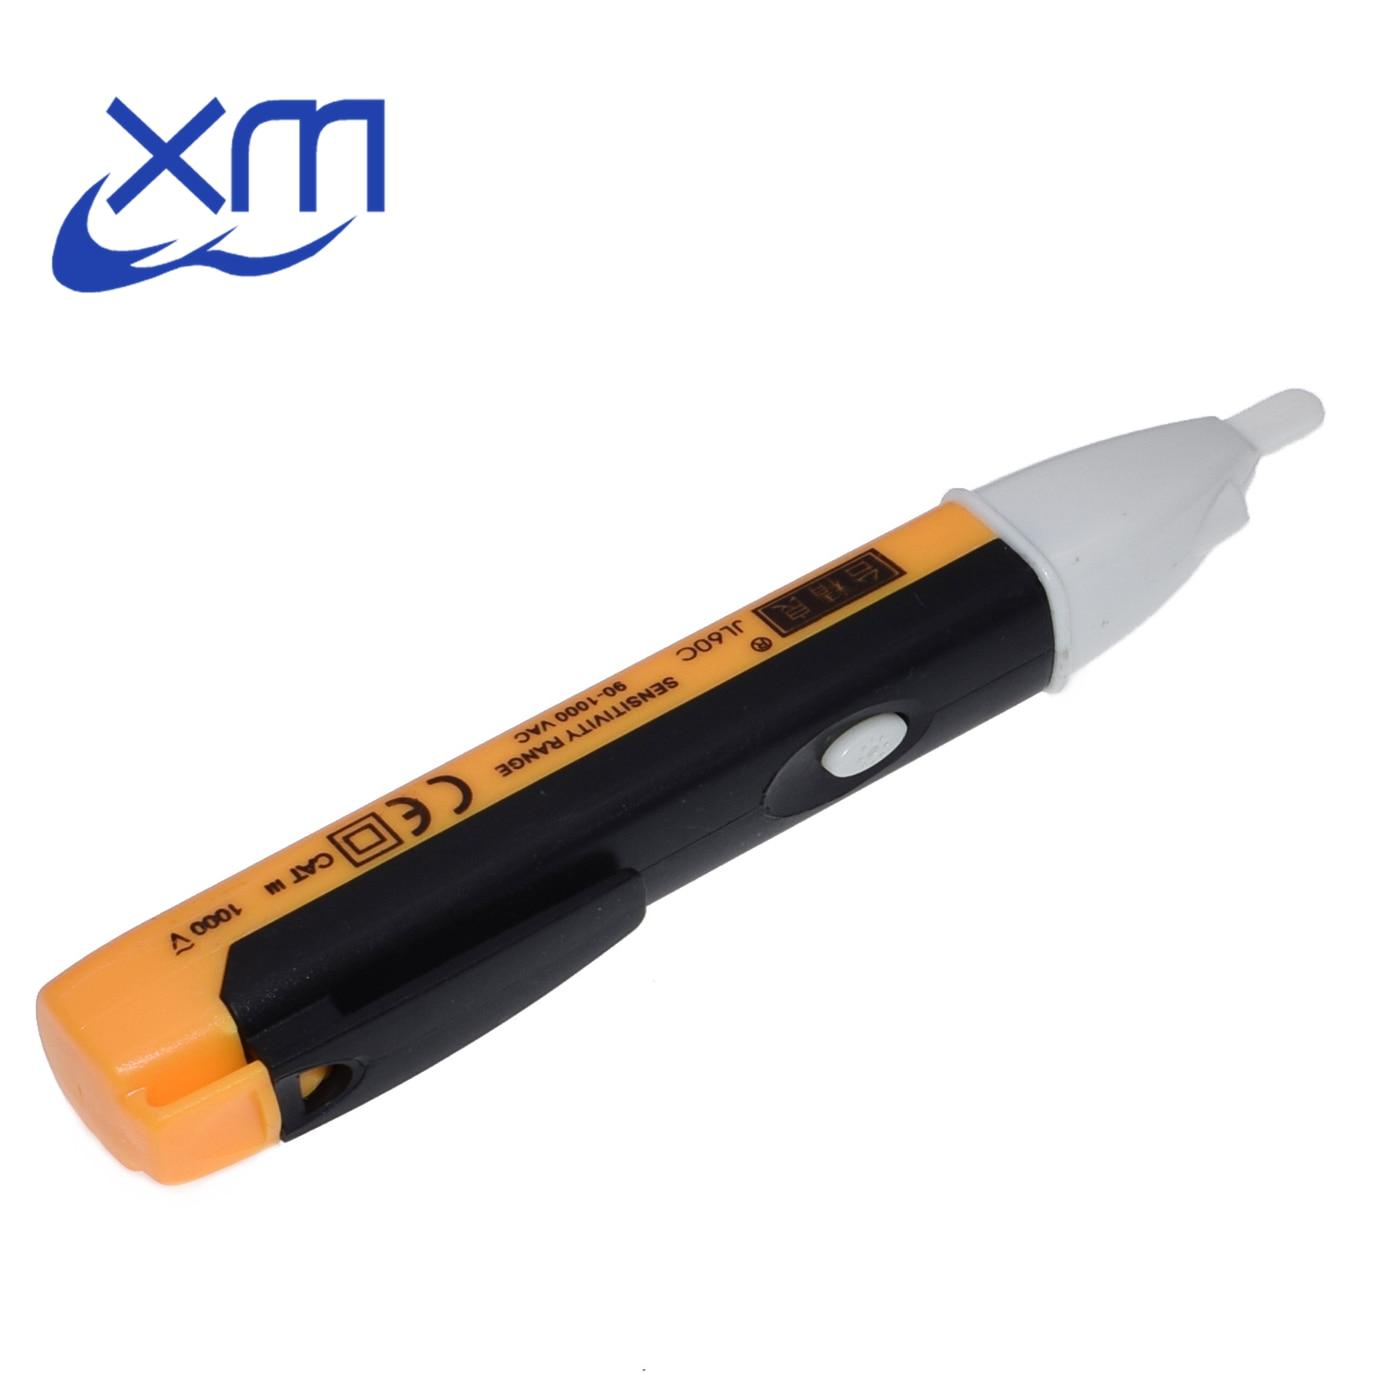 AC 110 В 220 В вольтметр напряжение зонд вольтметр детектор мощности тестер Бесконтактный розетка настенный электрический индикатор 90 1000 в|Интегральные схемы|   | АлиЭкспресс